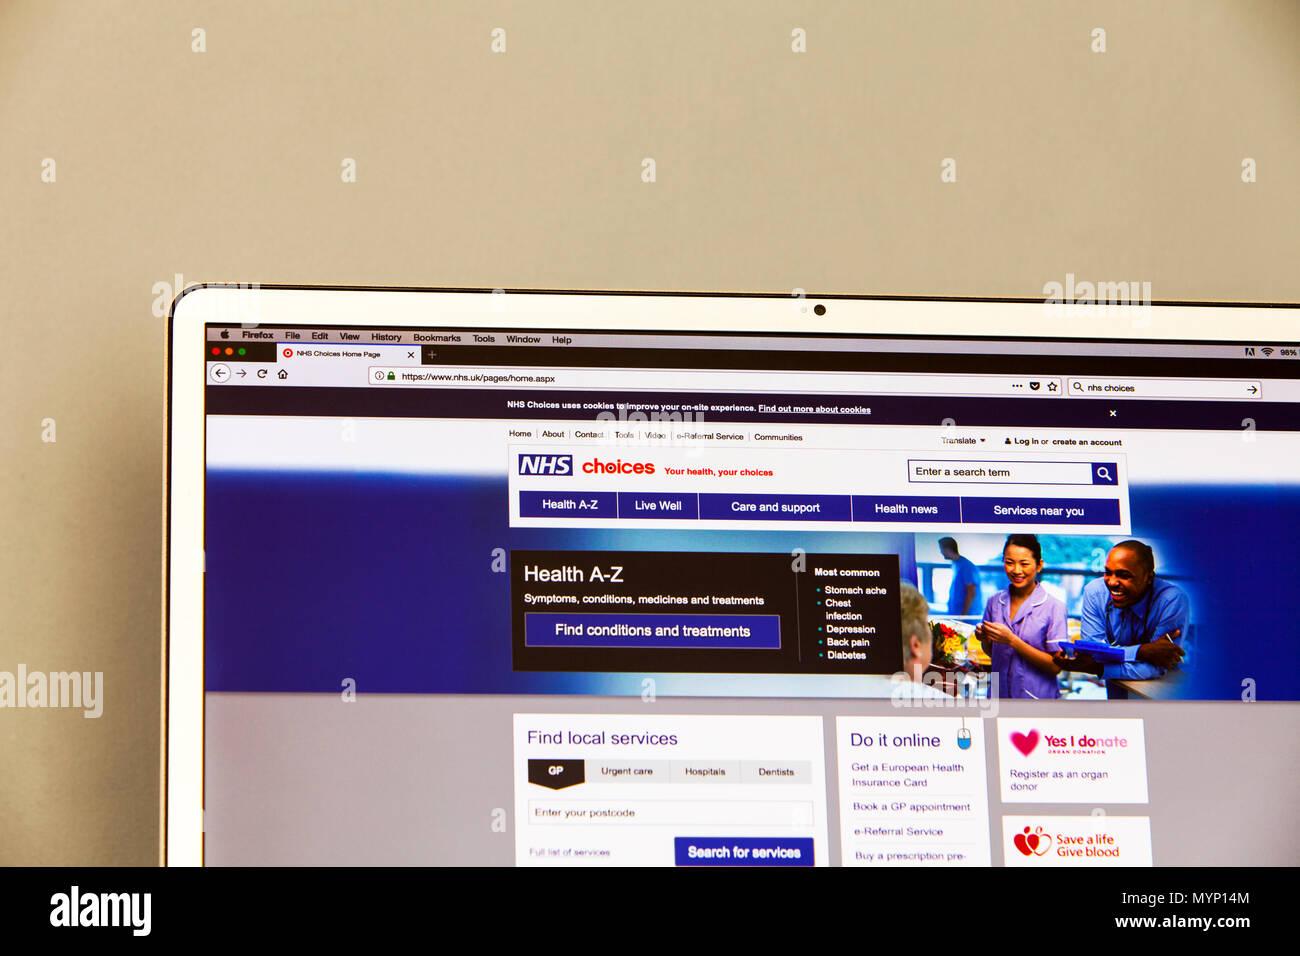 Choix du NHS, site web page d'accueil Choix du NHS NHS NHS, choix, choix des conseils de santé en ligne, la santé, les choix du NHS NHS NHS, santé des choix, des choix, UK Photo Stock